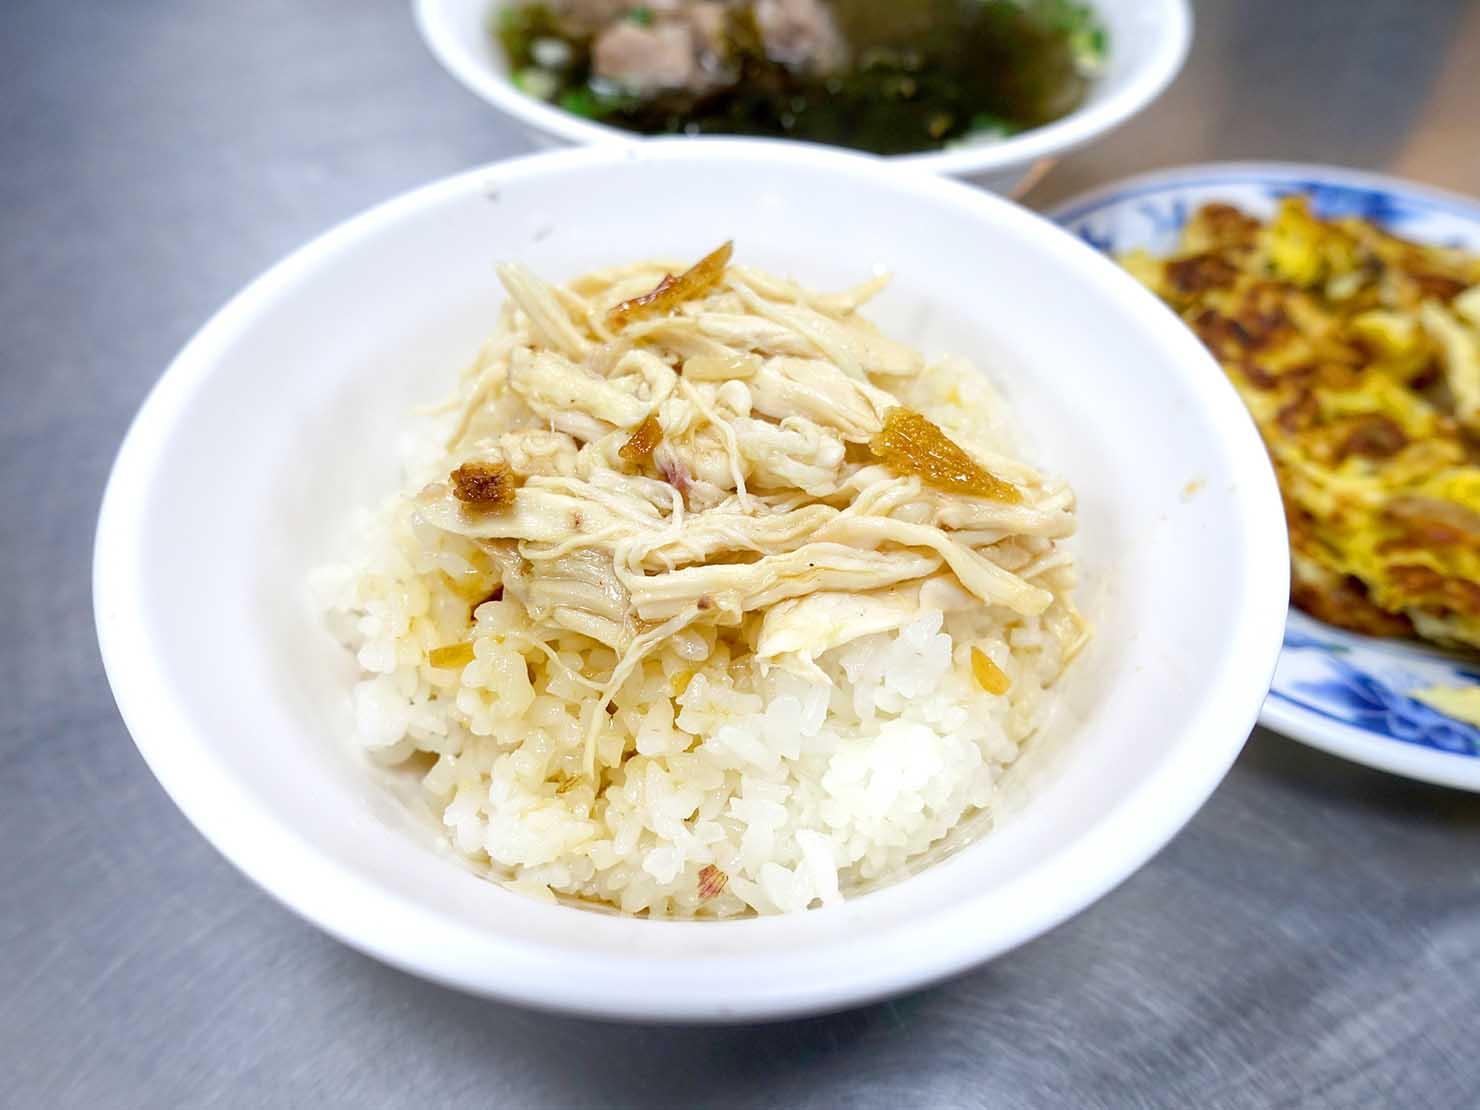 台北・松江南京駅(四平街商圈)周辺のおすすめグルメ店「梁記嘉義雞肉飯」の雞肉飯